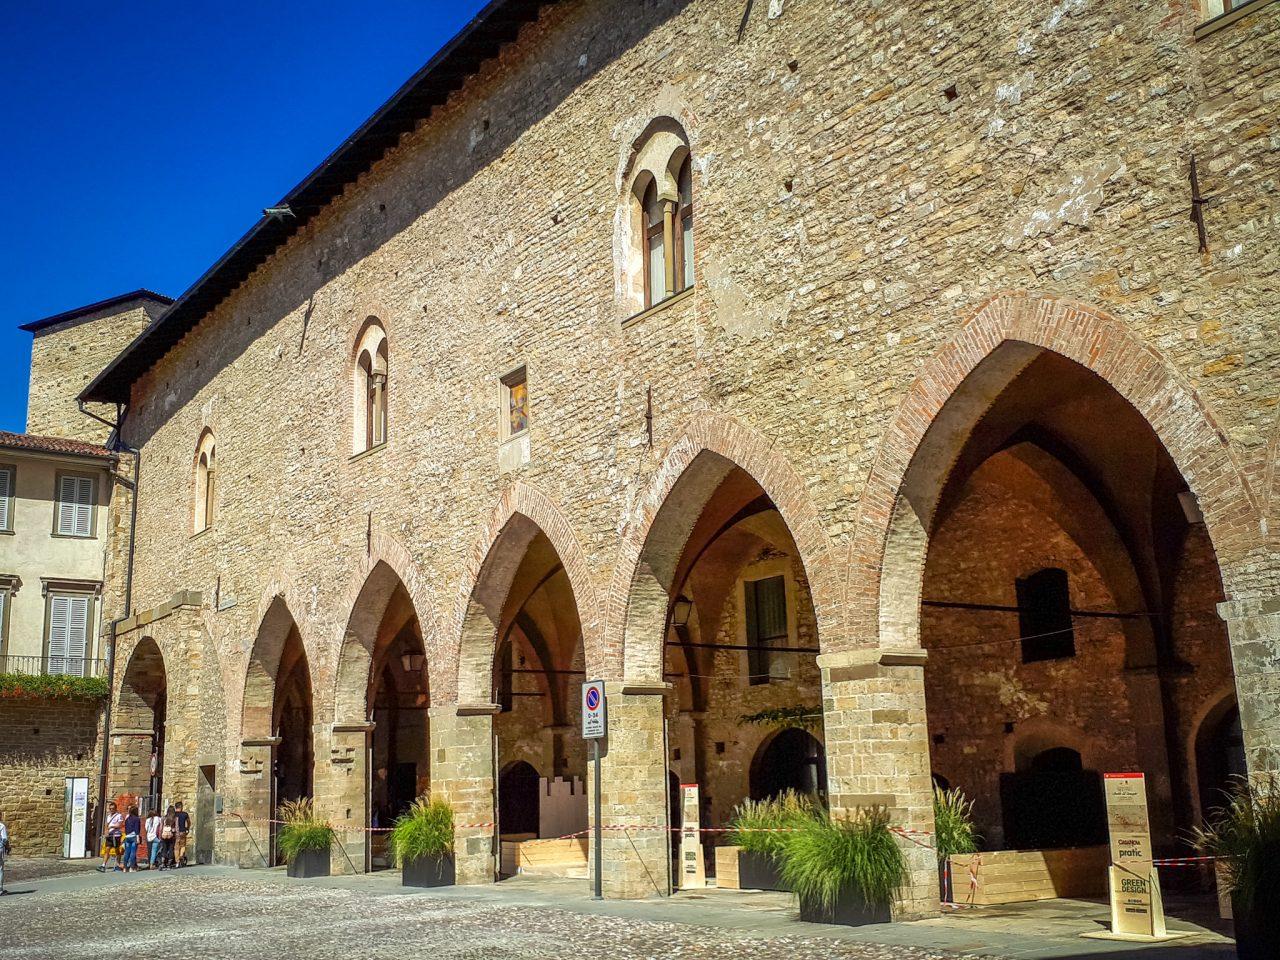 Городской археологический музей (Civico museo archeologico)